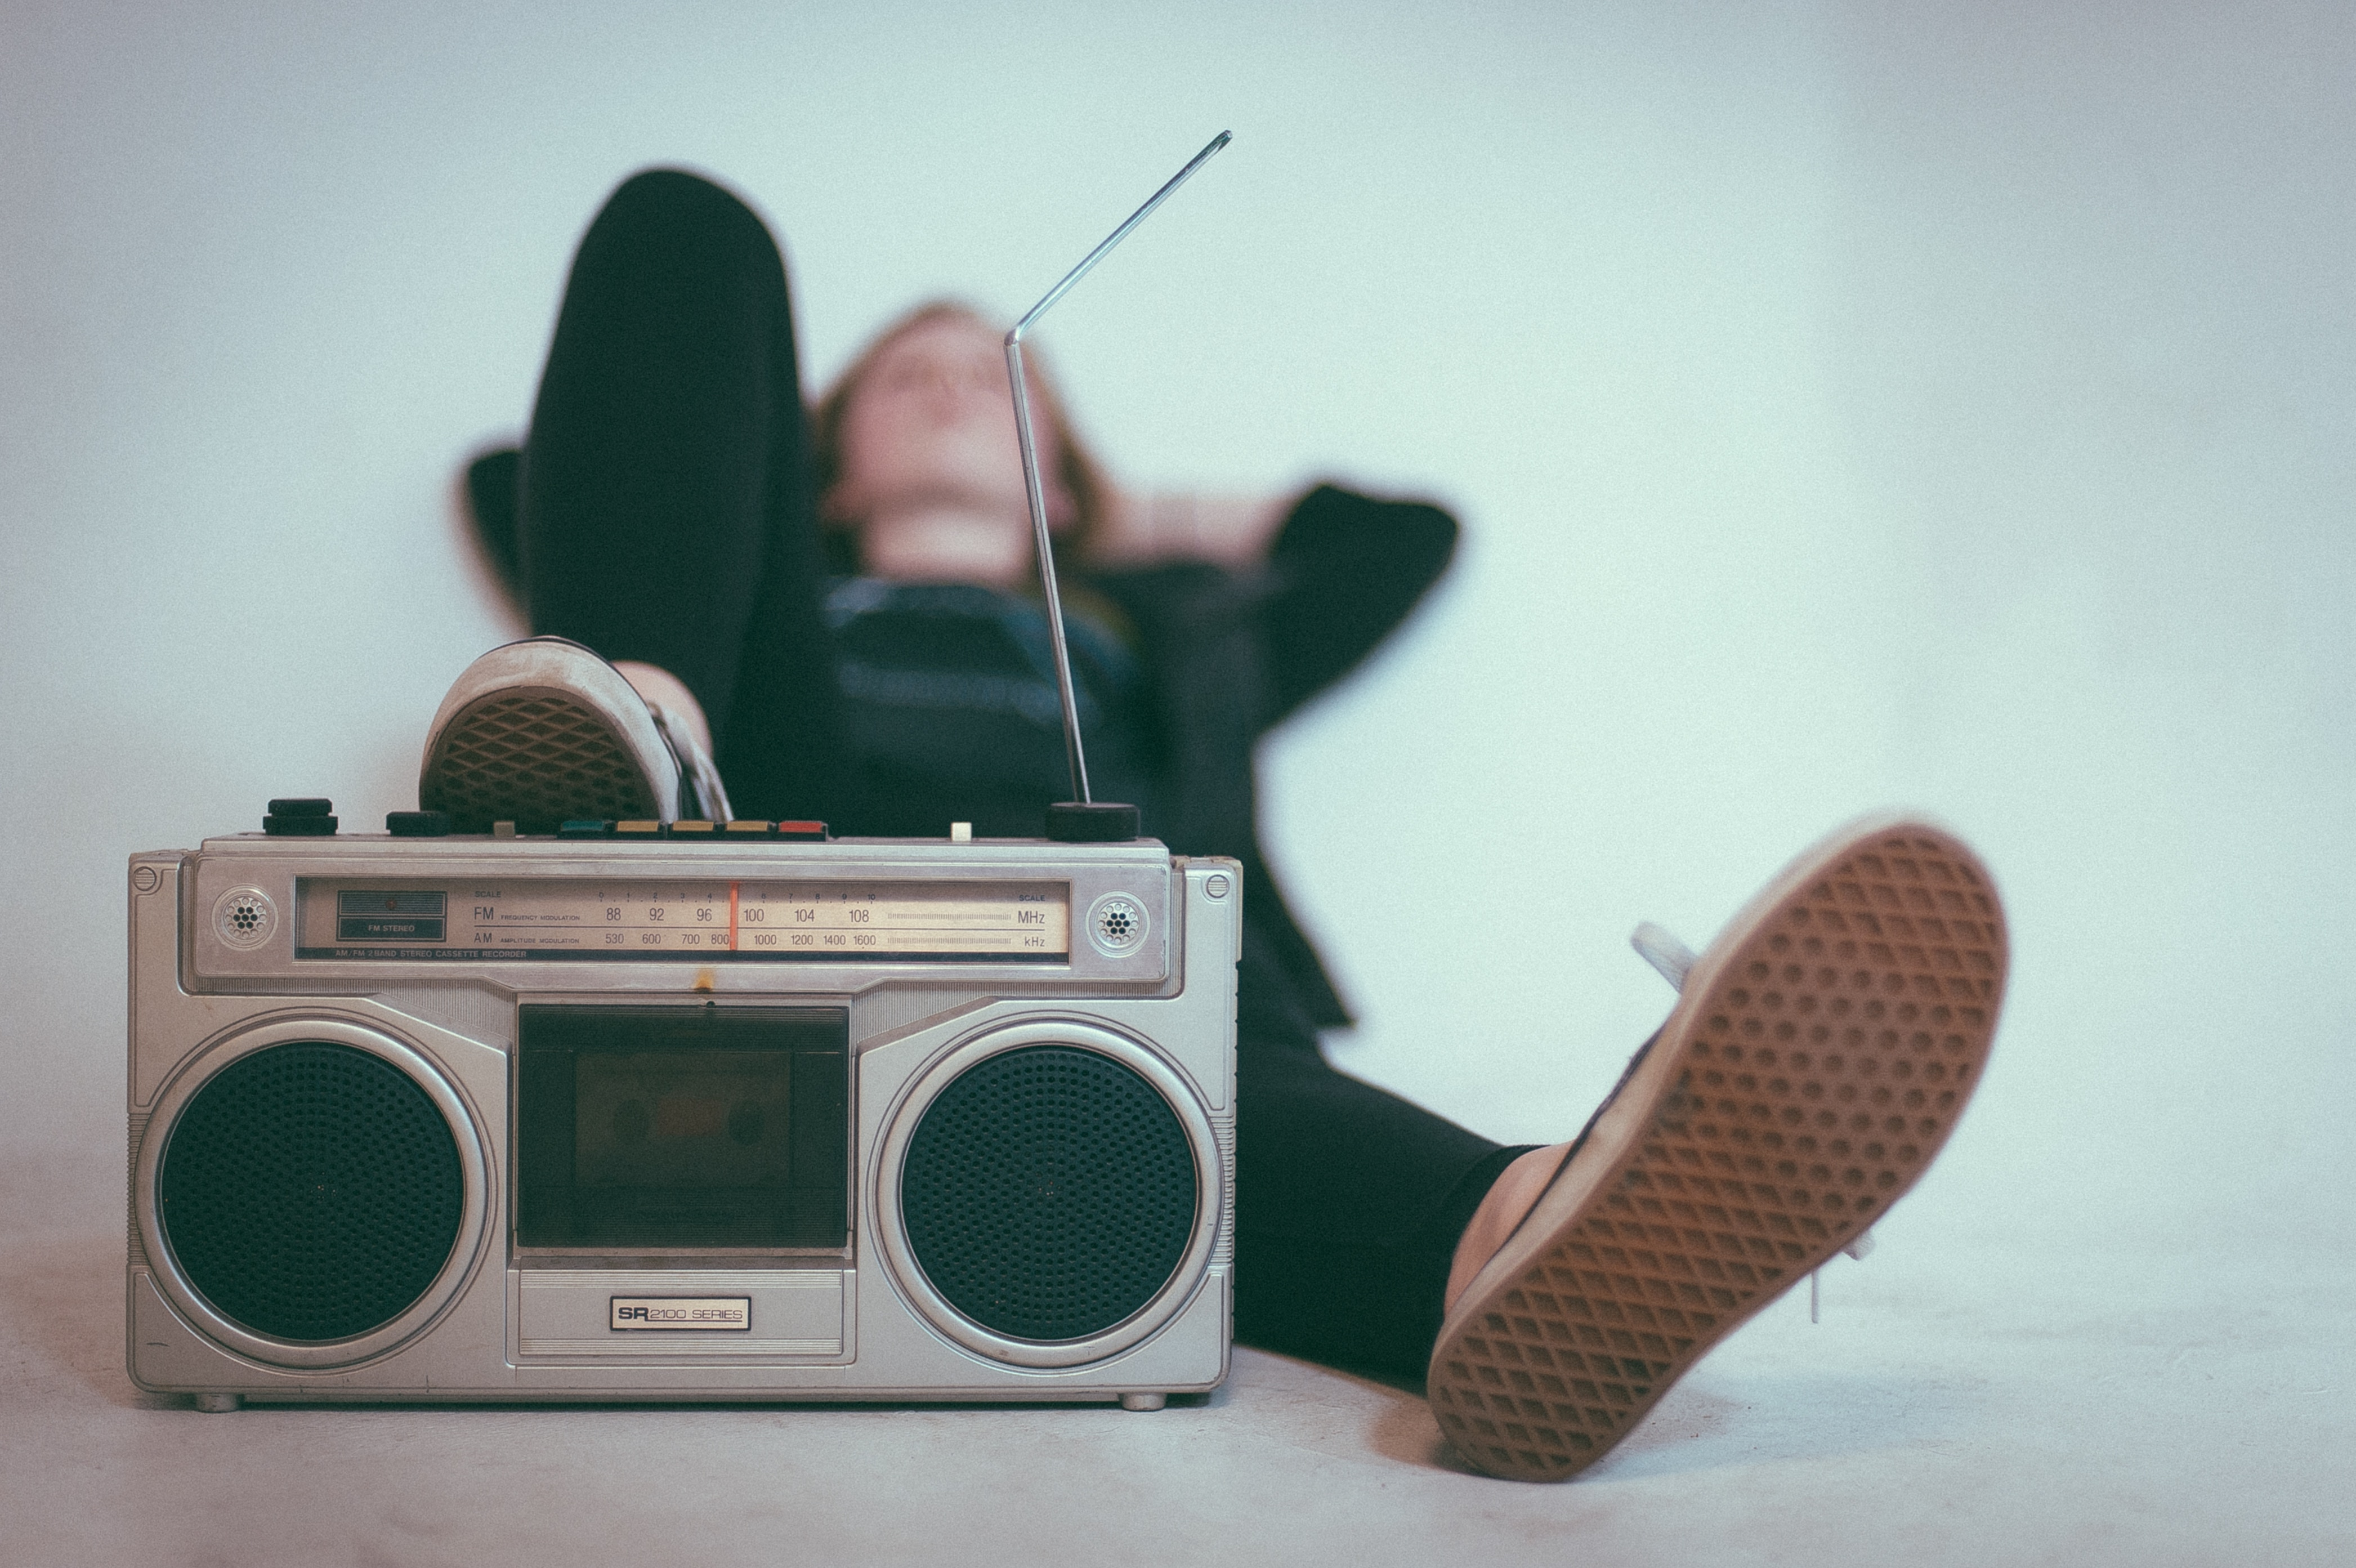 Trådlösa högtalare